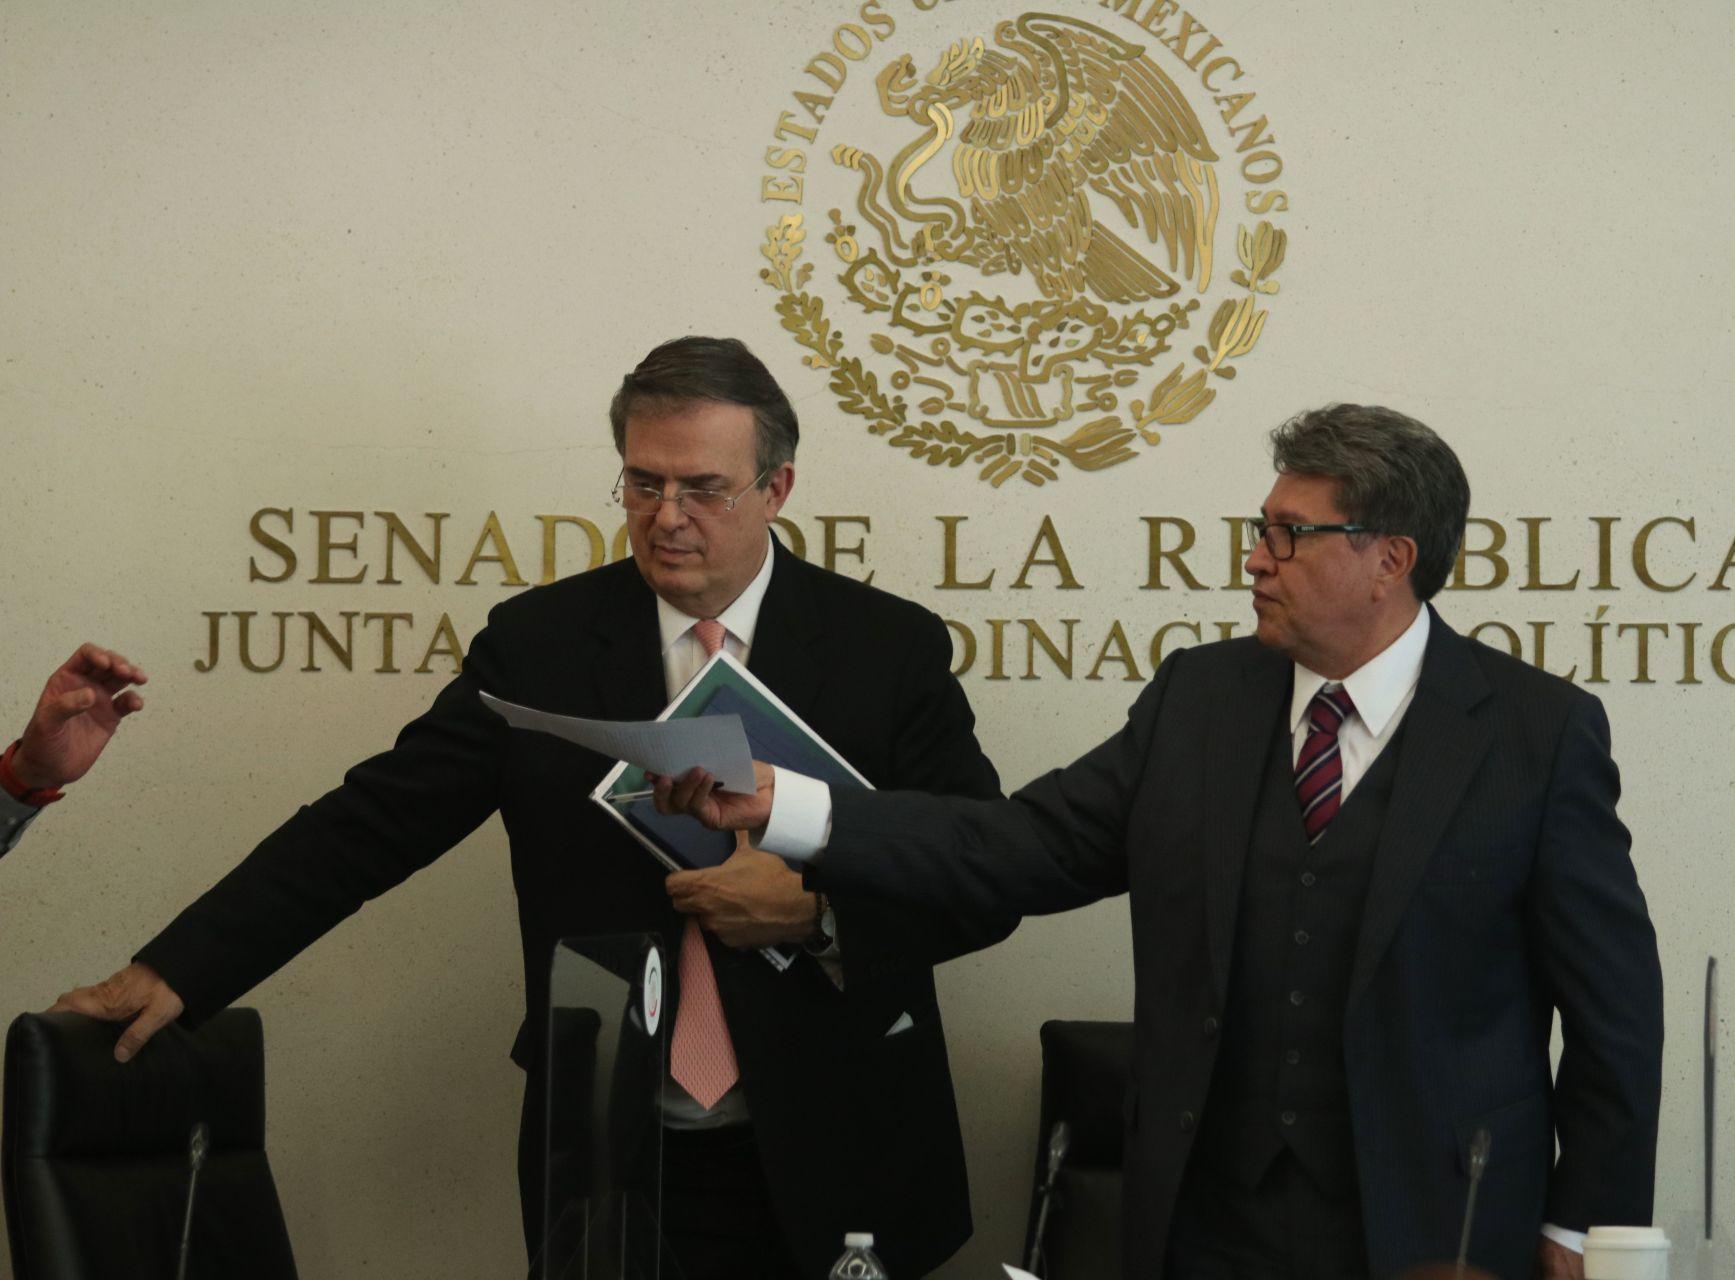 El canciller Marcelo Ebrard con Ricardo Monreal, coordinador de los senadores de Morena (Cuartoscuro)